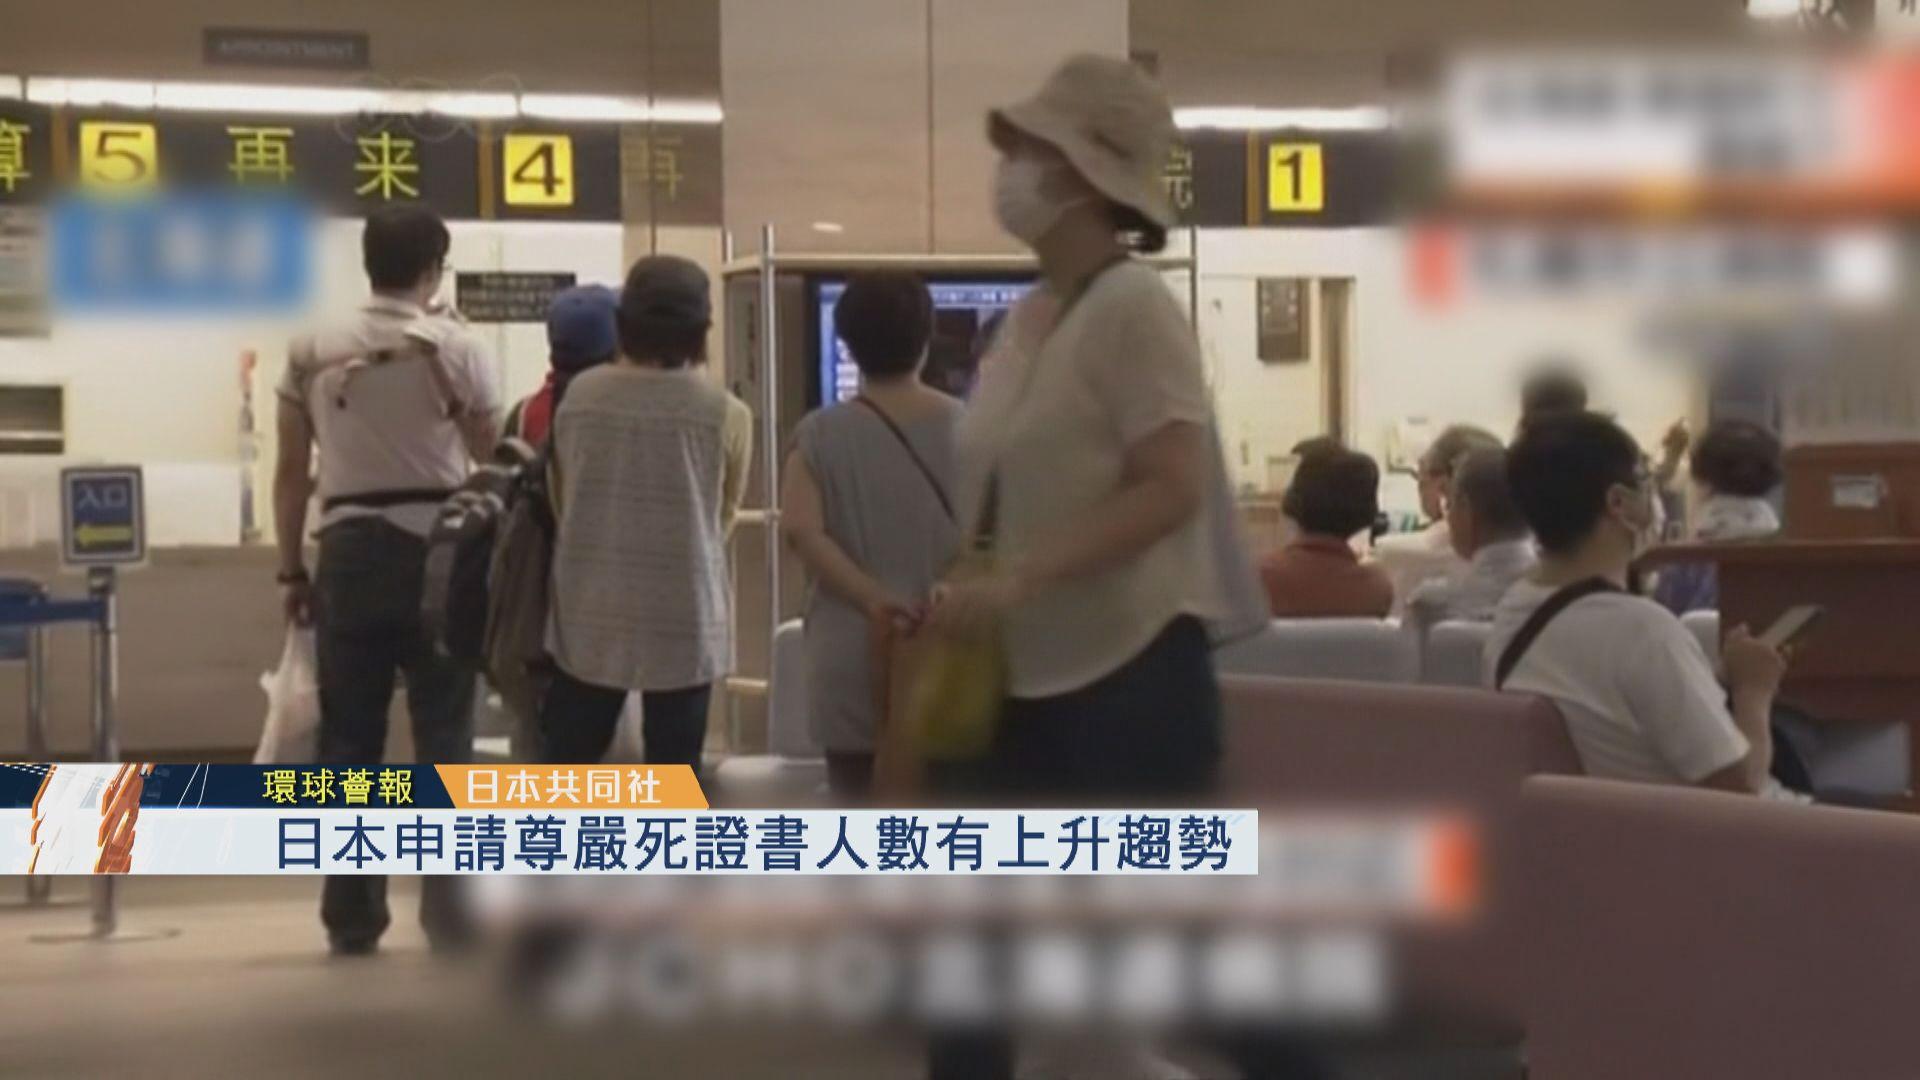 【環球薈報】日本申請尊嚴死證書人數有上升趨勢